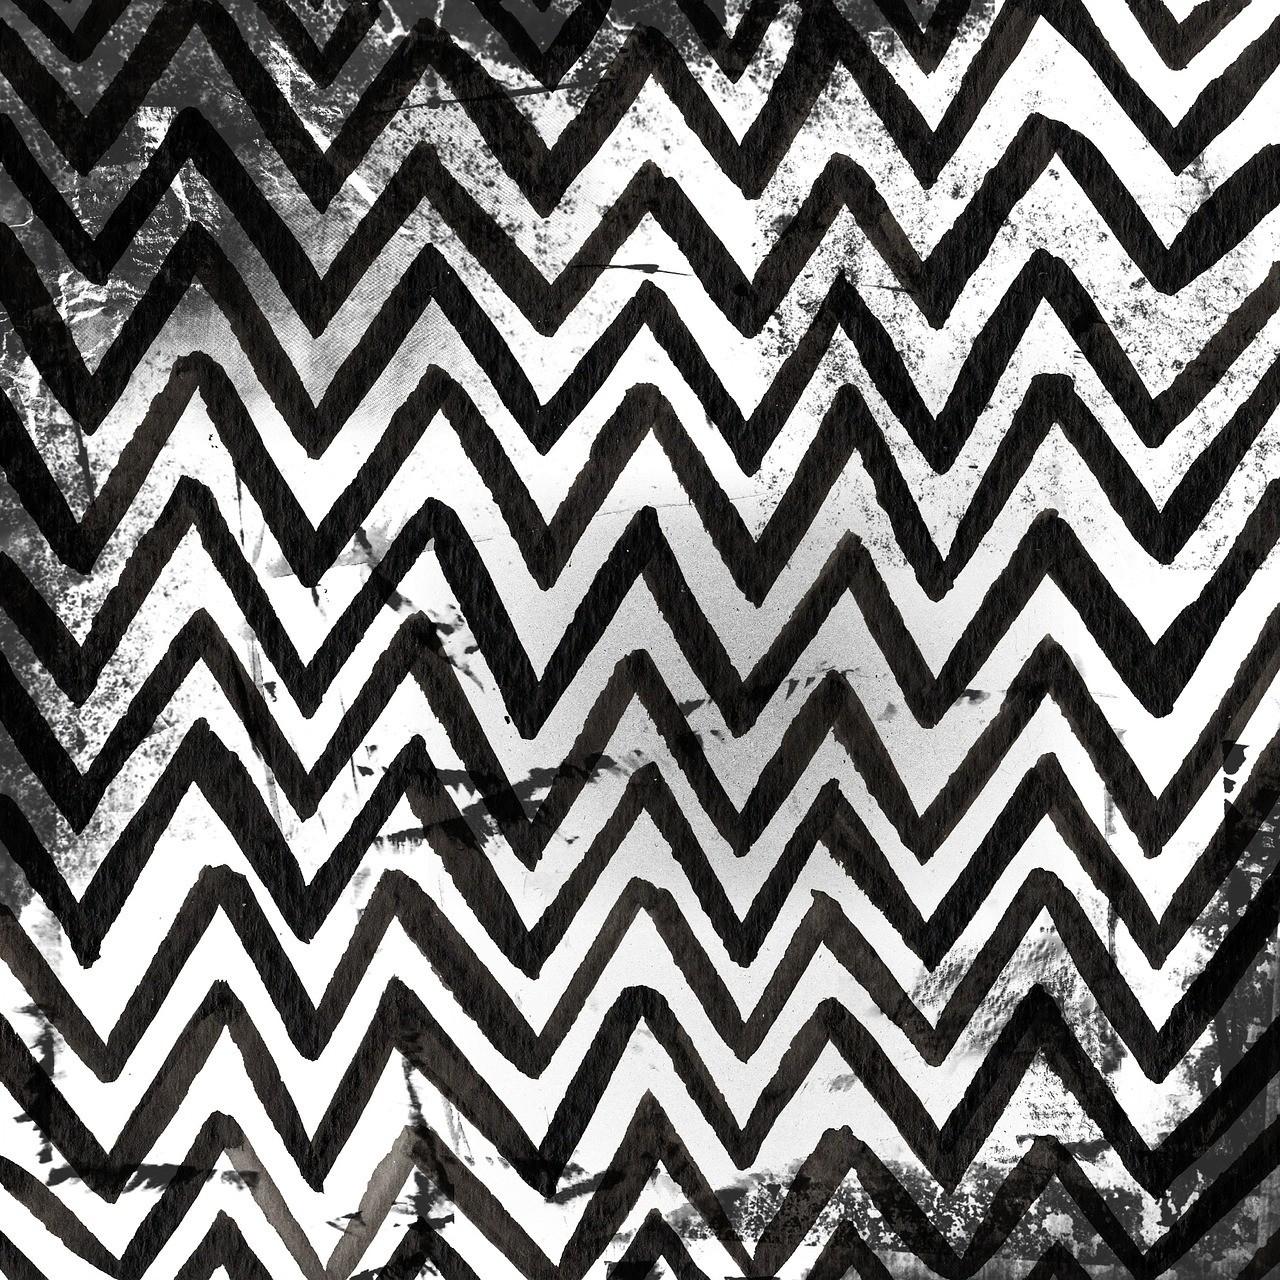 صور لـ خلفية أبيض شارة الرتبة الملون مخطط أسود